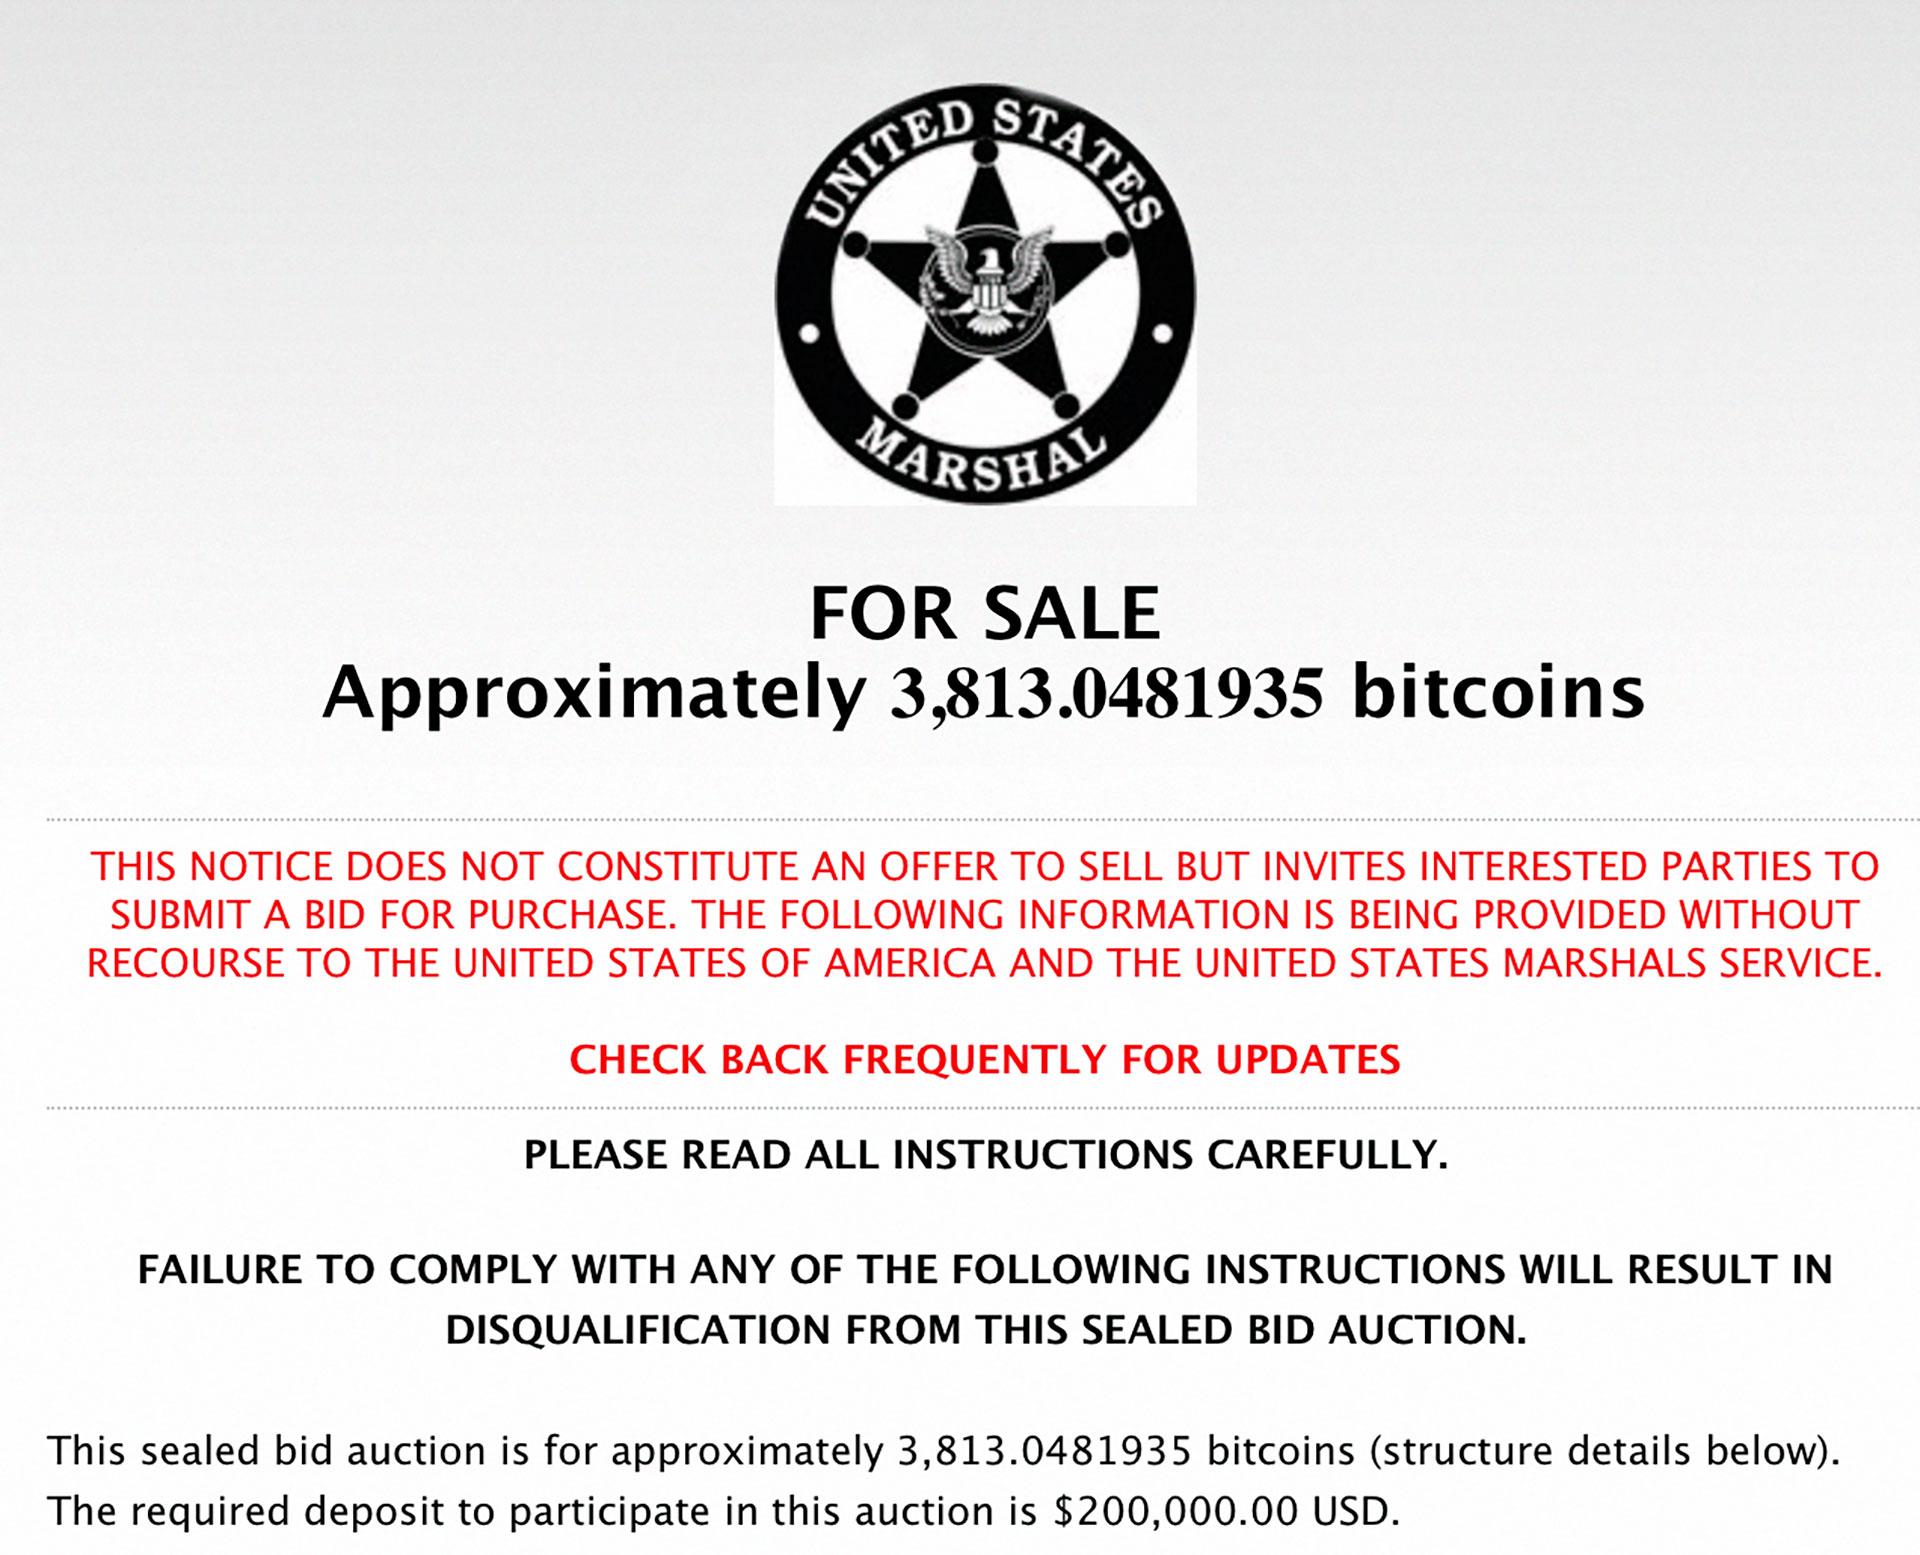 """La aplicación de la ley global ha subastado cantidades masivas de Bitcoin"""" width = """"509"""" height = """"413"""" srcset = """"https://news.bitcoin.com/wp-content/uploads/ 2019/10 / bit-03-01-18_sale.jpg 1920w, https://news.bitcoin.com/wp-content/uploads/2019/10/bit-03-01-18_sale-300x243.jpg 300w, https: //news.bitcoin.com/wp-content/uploads/2019/10/bit-03-01-18_sale-768x622.jpg 768w, https://news.bitcoin.com/wp-content/uploads/2019/10 /bit-03-01-18_sale-1024x829.jpg 1024w, https://news.bitcoin.com/wp-content/uploads/2019/10/bit-03-01-18_sale-696x564.jpg 696w, https: / /news.bitcoin.com/wp-content/uploads/2019/10/bit-03-01-18_sale-1392x1127.jpg 1392w, https://news.bitcoin.com/wp-content/uploads/2019/10/ bit-03-01-18_sale-106 8x865.jpg 1068w, https://news.bitcoin.com/wp-content/uploads/2019/10/bit-03-01-18_sale-519x420.jpg 519w """"tamaños ="""" (ancho máximo: 509px) 100vw, 509px"""